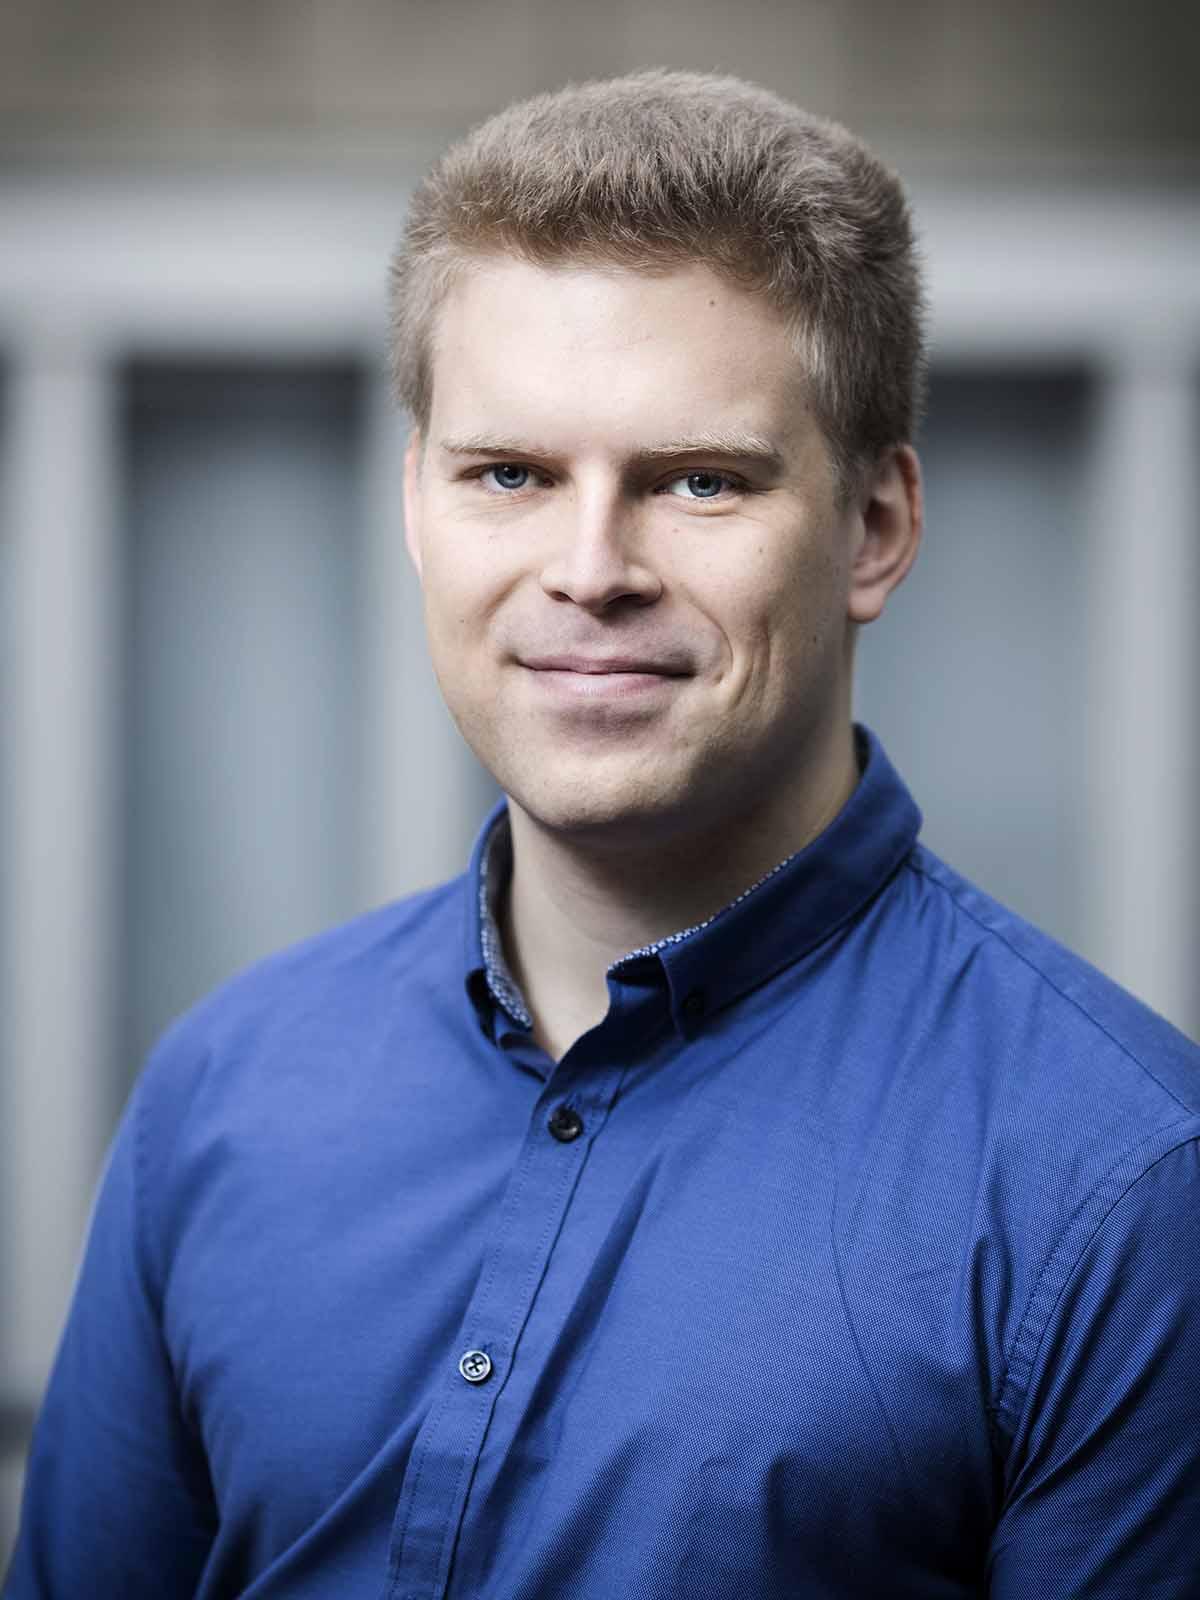 profilfotos fra virksomheden